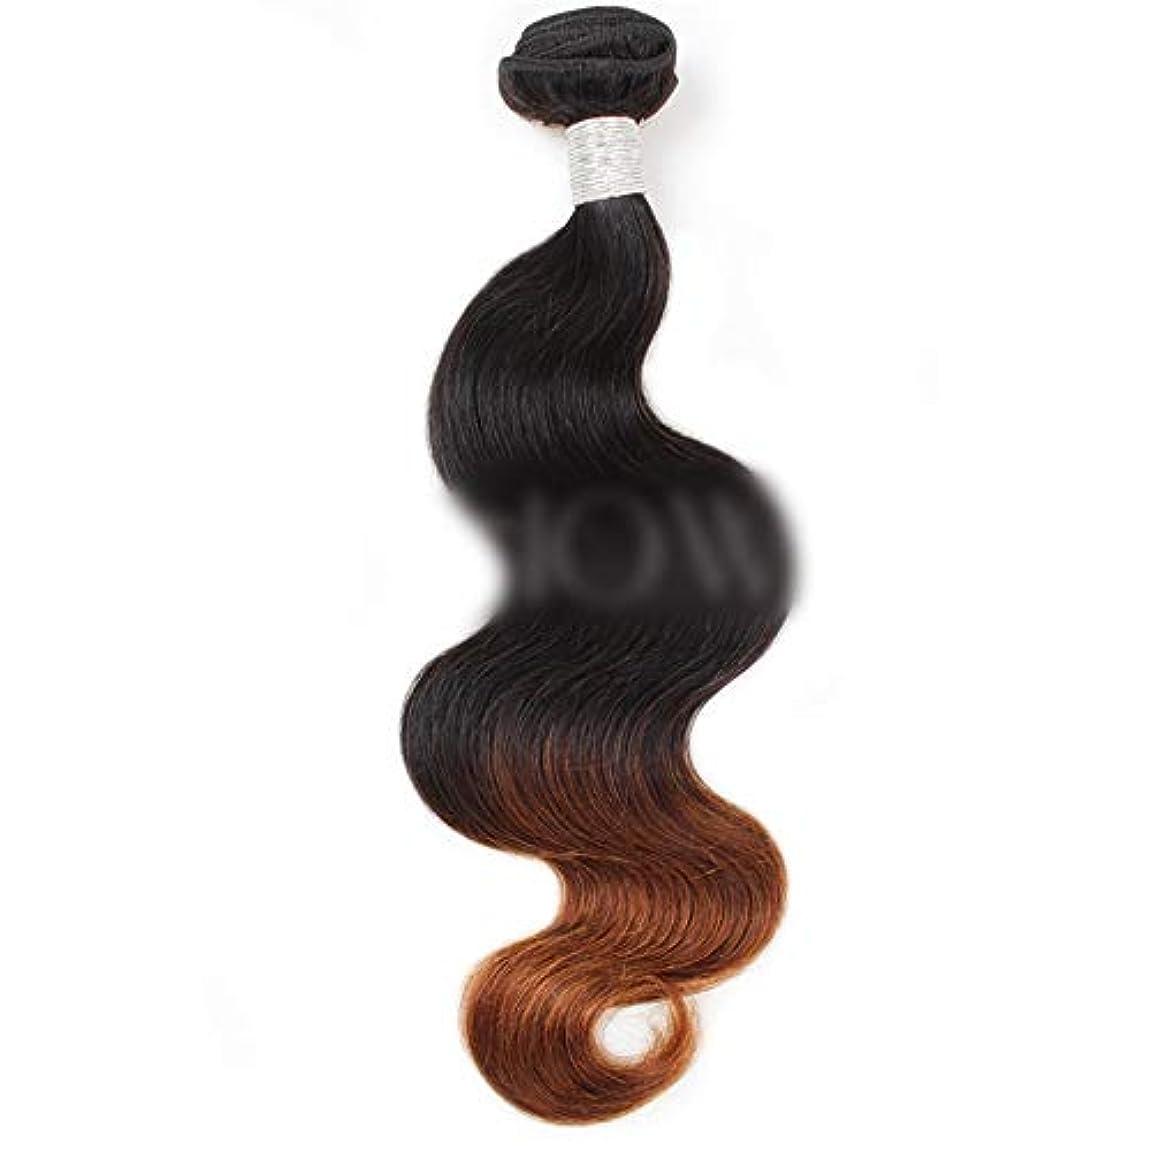 言語資格情報サッカーWASAIO クロージャ本体ブラジル髪バンドルバージン有するヒト織り - 1B / 4#2トーンカラーリング (色 : ブラウン, サイズ : 14 inch)